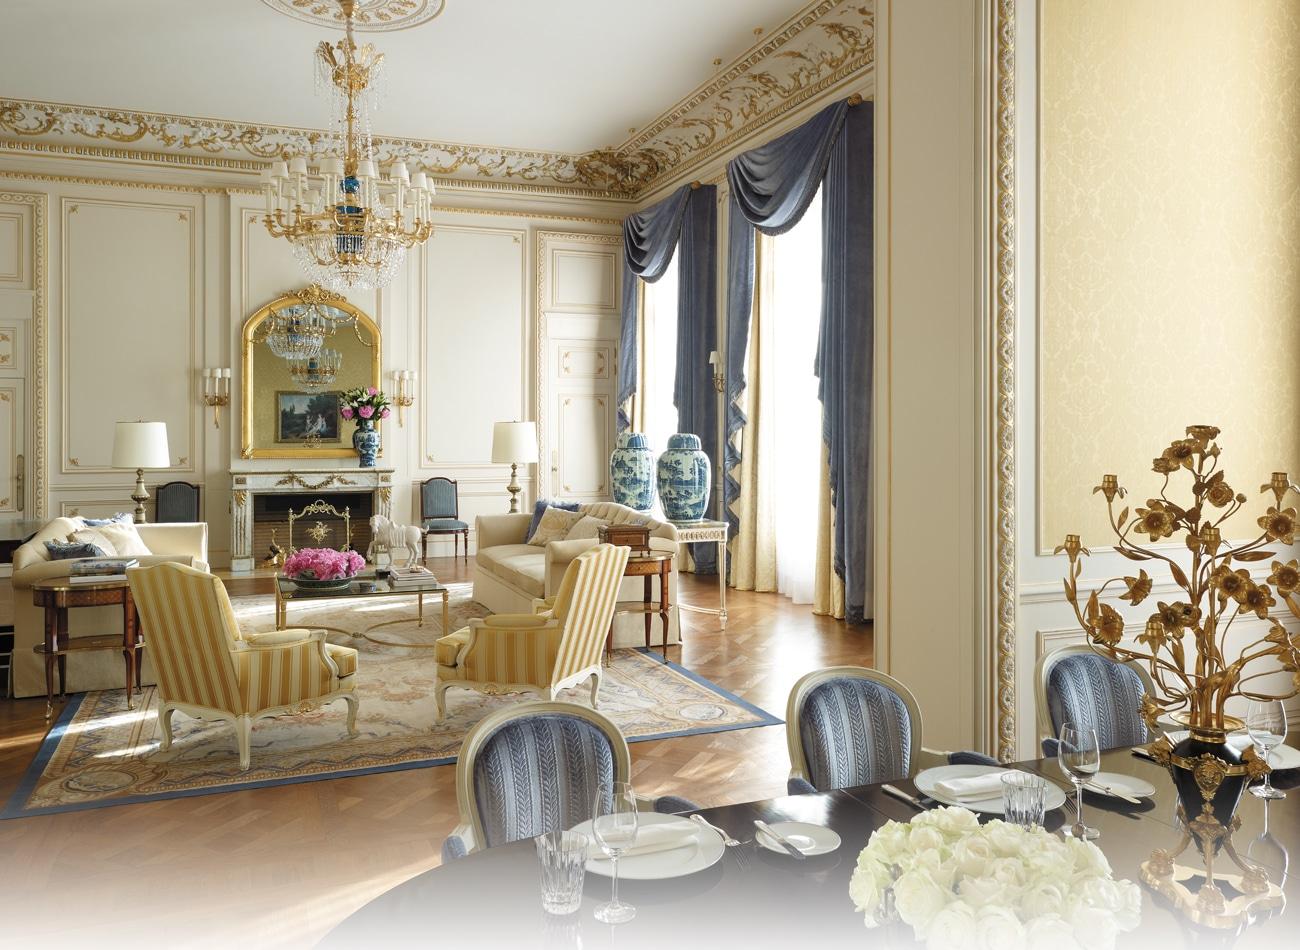 Hotelul Sangri-la abundă în lux, eleganță și rafinament